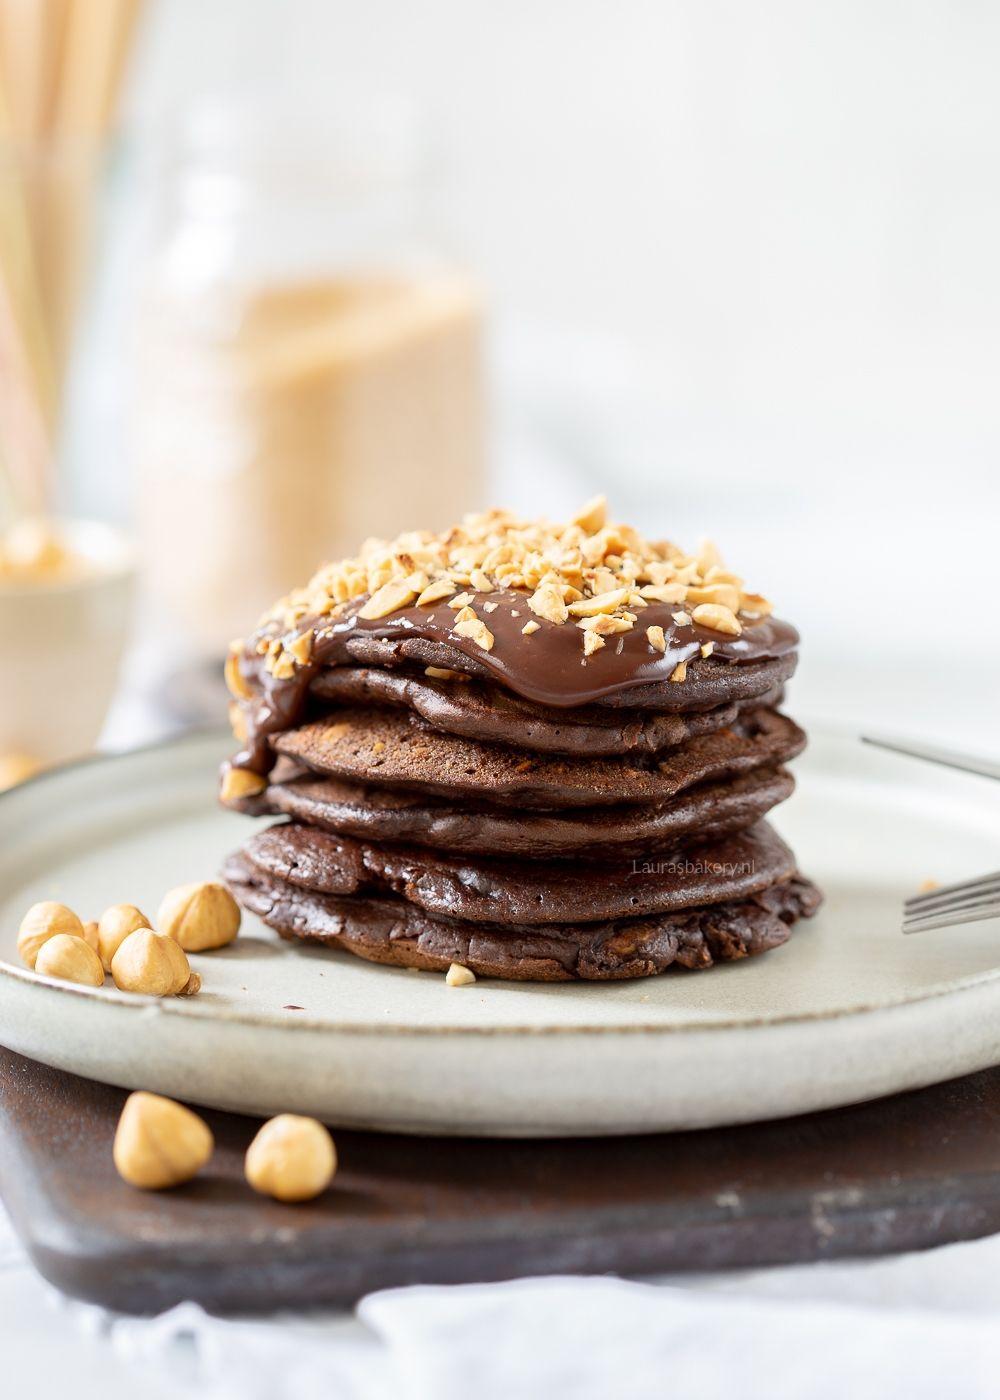 Chocolade-hazelnoot pancakes